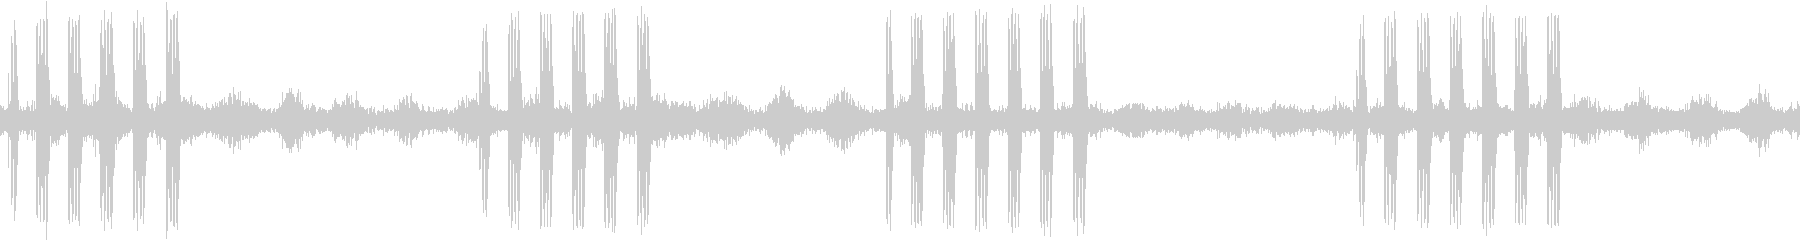 【生録音】ループで使える秋の虫の声 8の未再生の波形